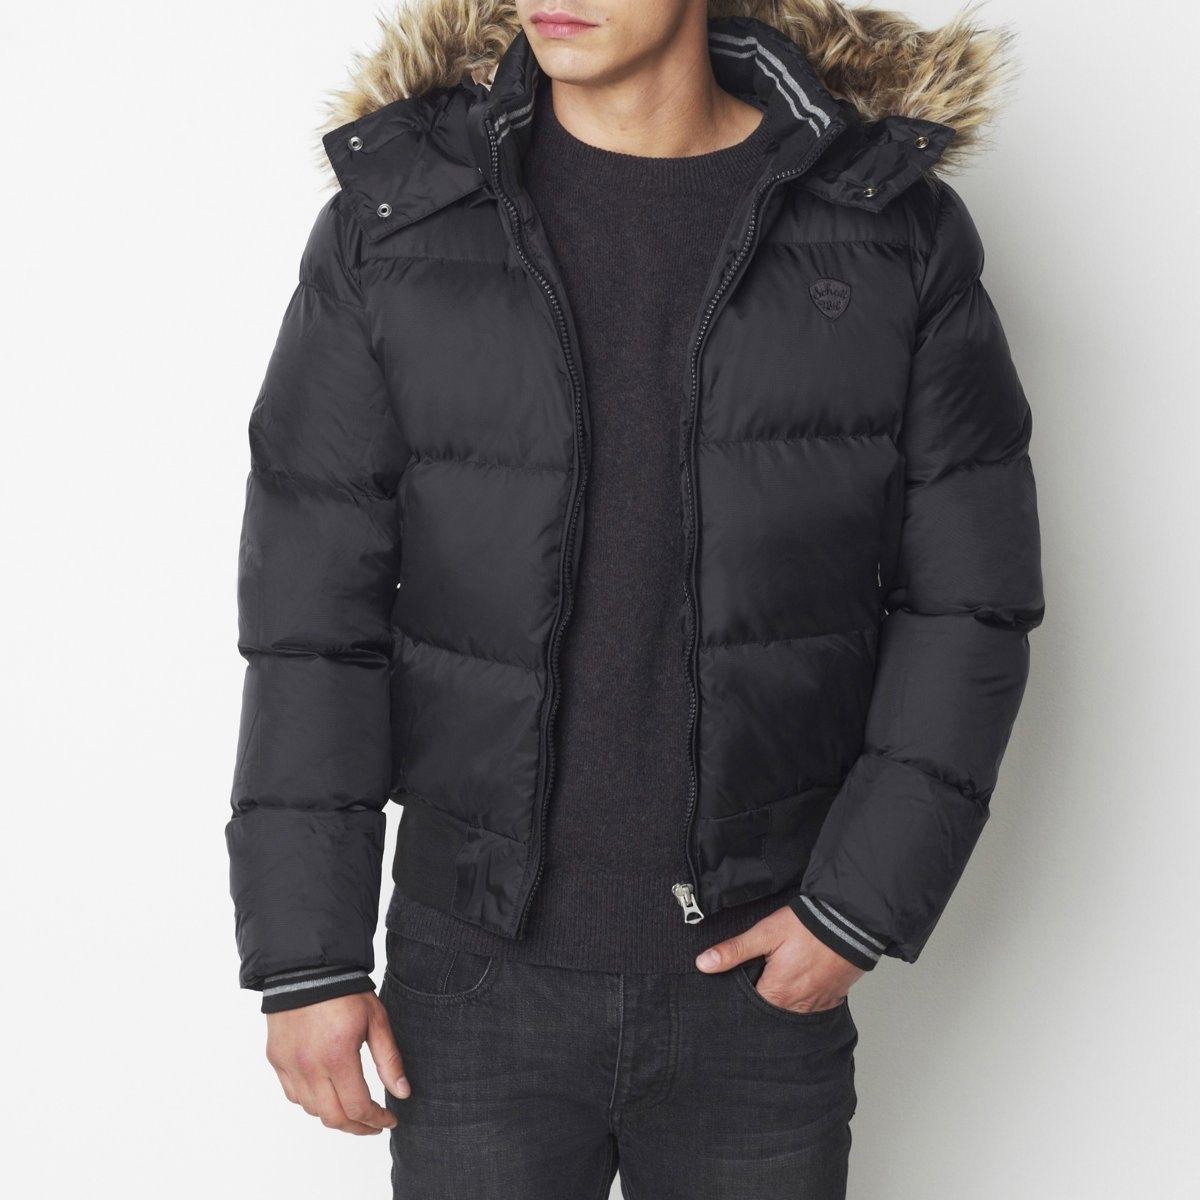 Куртка стеганаяСтеганая куртка из 100% полиамида. На подкладке из полиэстера. Съемный капюшон со съемным искусственным мехом на 2 кнопках. Застежка на молнию спереди. Высокий внутренний воротник связан в рубчик. 2 кармана на молнии. 2 внутренних кармана на молнии. Низ рукавов и куртки связан в рубчик. Длина 67 см.<br><br>Цвет: темно-синий,черный<br>Размер: S